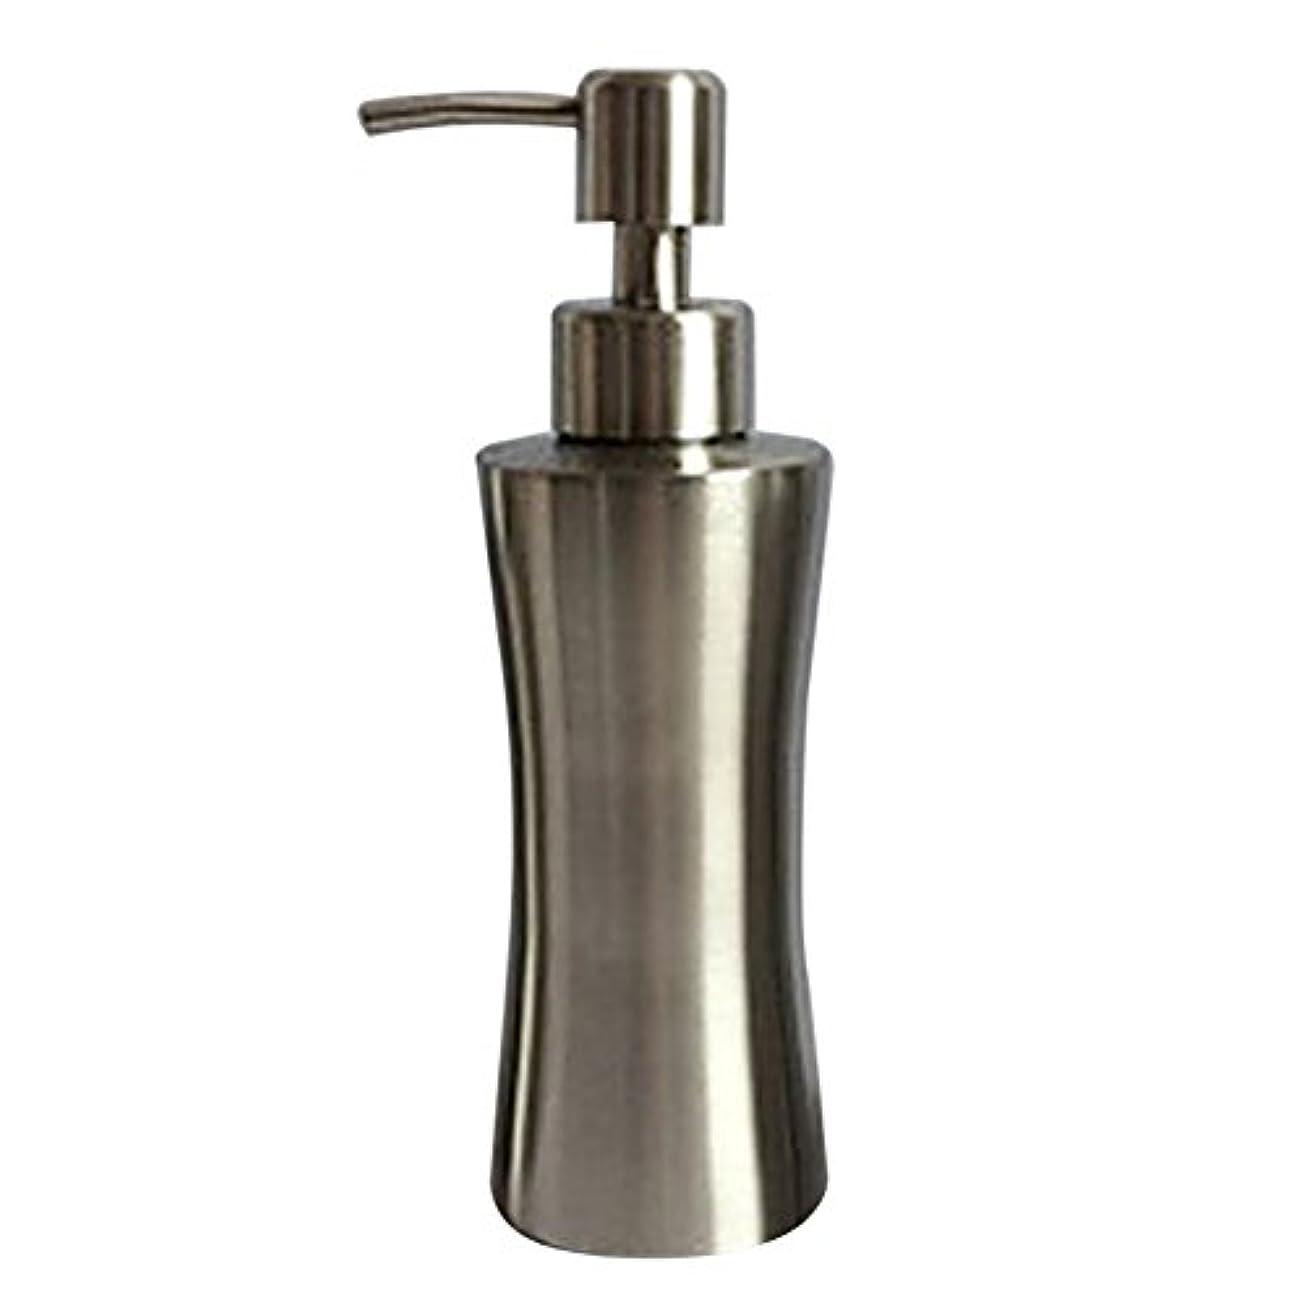 パスアルコーブ不定ディスペンサー ステンレス ボトル 容器 ソープ 石鹸 シャンプー 手洗いボトル 耐久性 錆びない 220ml/250ml/400ml (B:250ml)